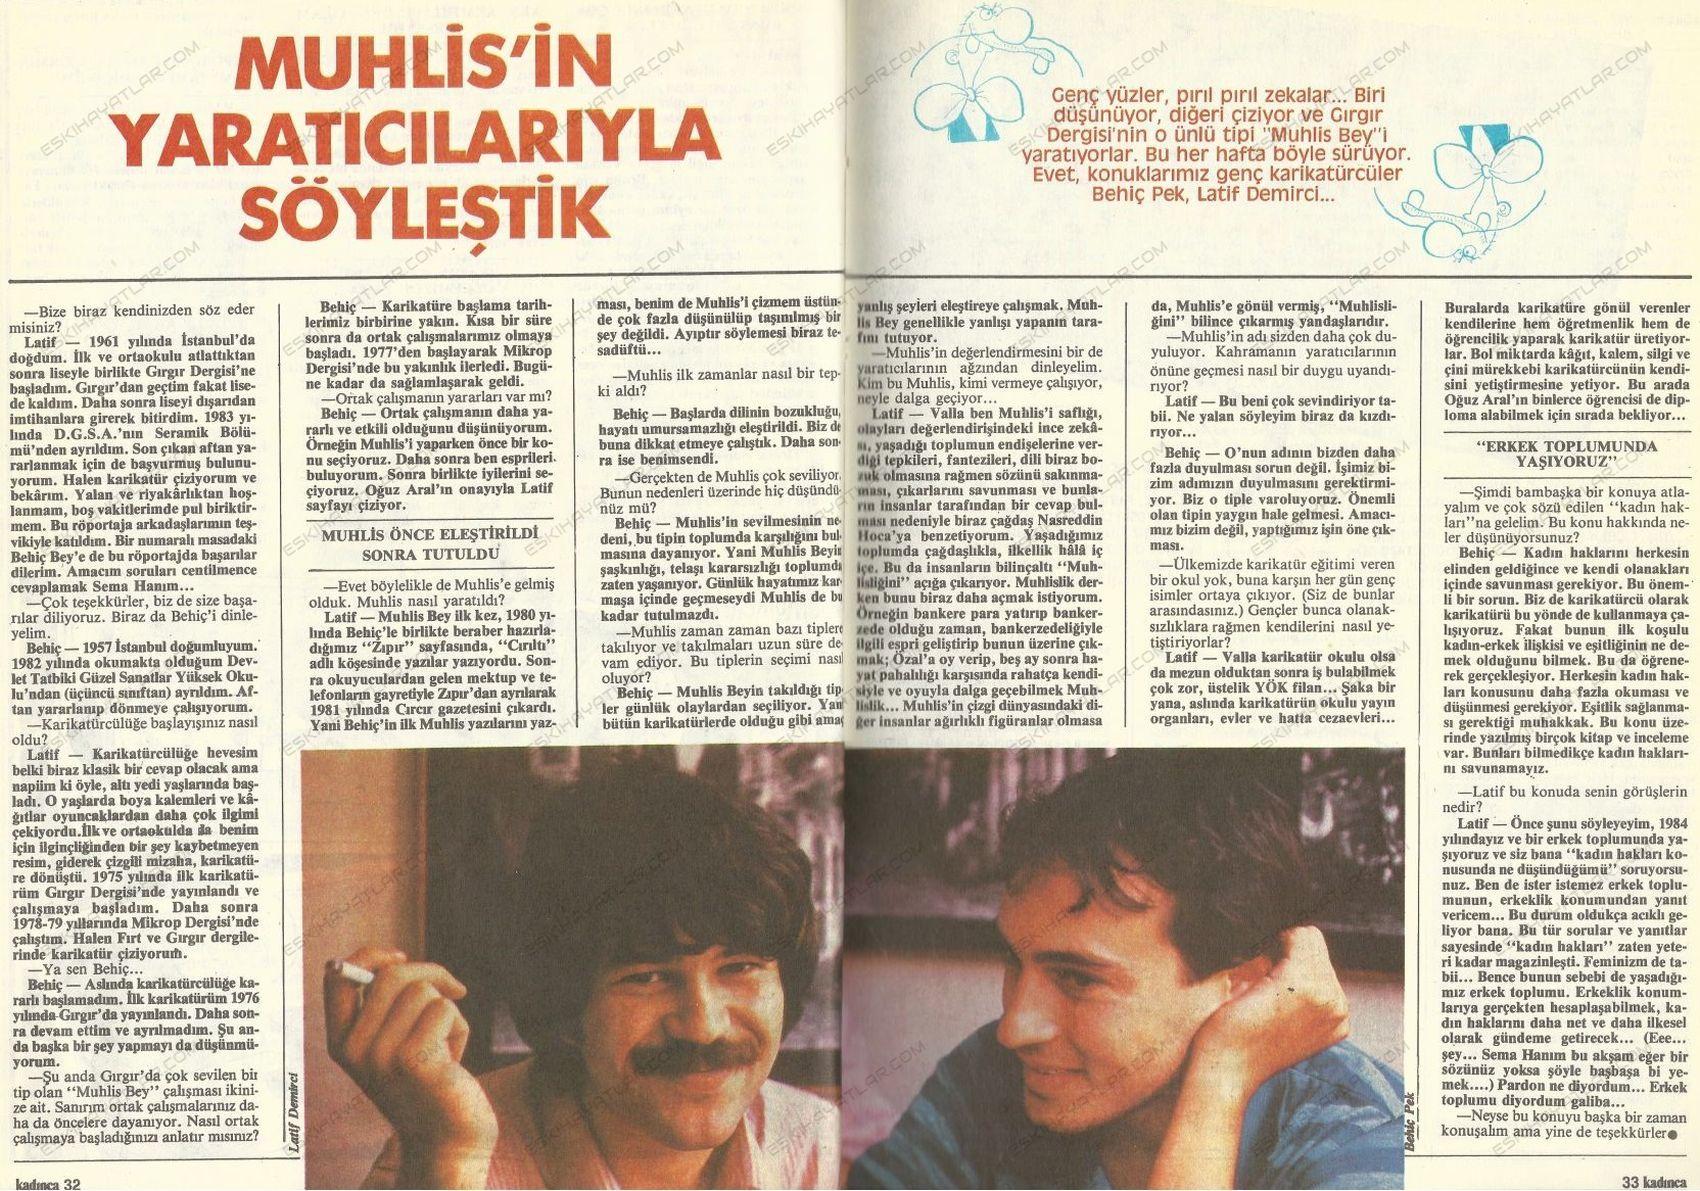 0160-latif-demirci-kimdir-1984-muhlis-bey-behic-pek-kimdir (1)